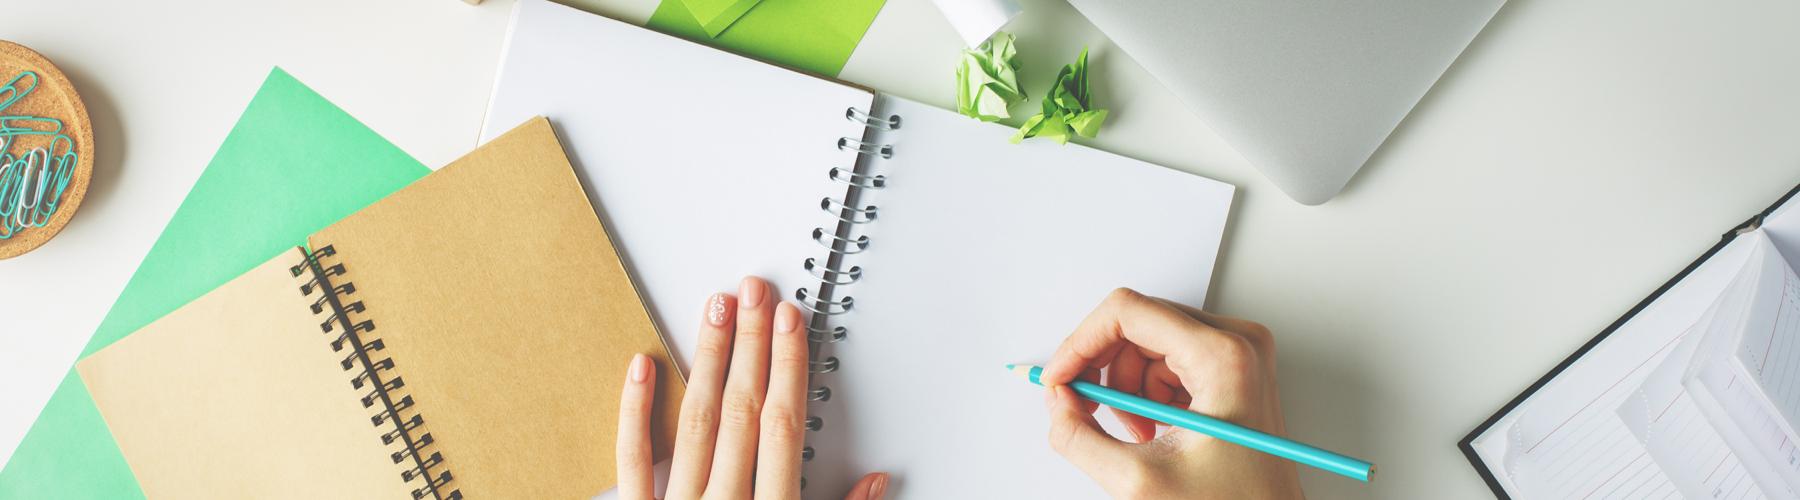 Fidélisez vos clients avec des blocs-notes personnalisés